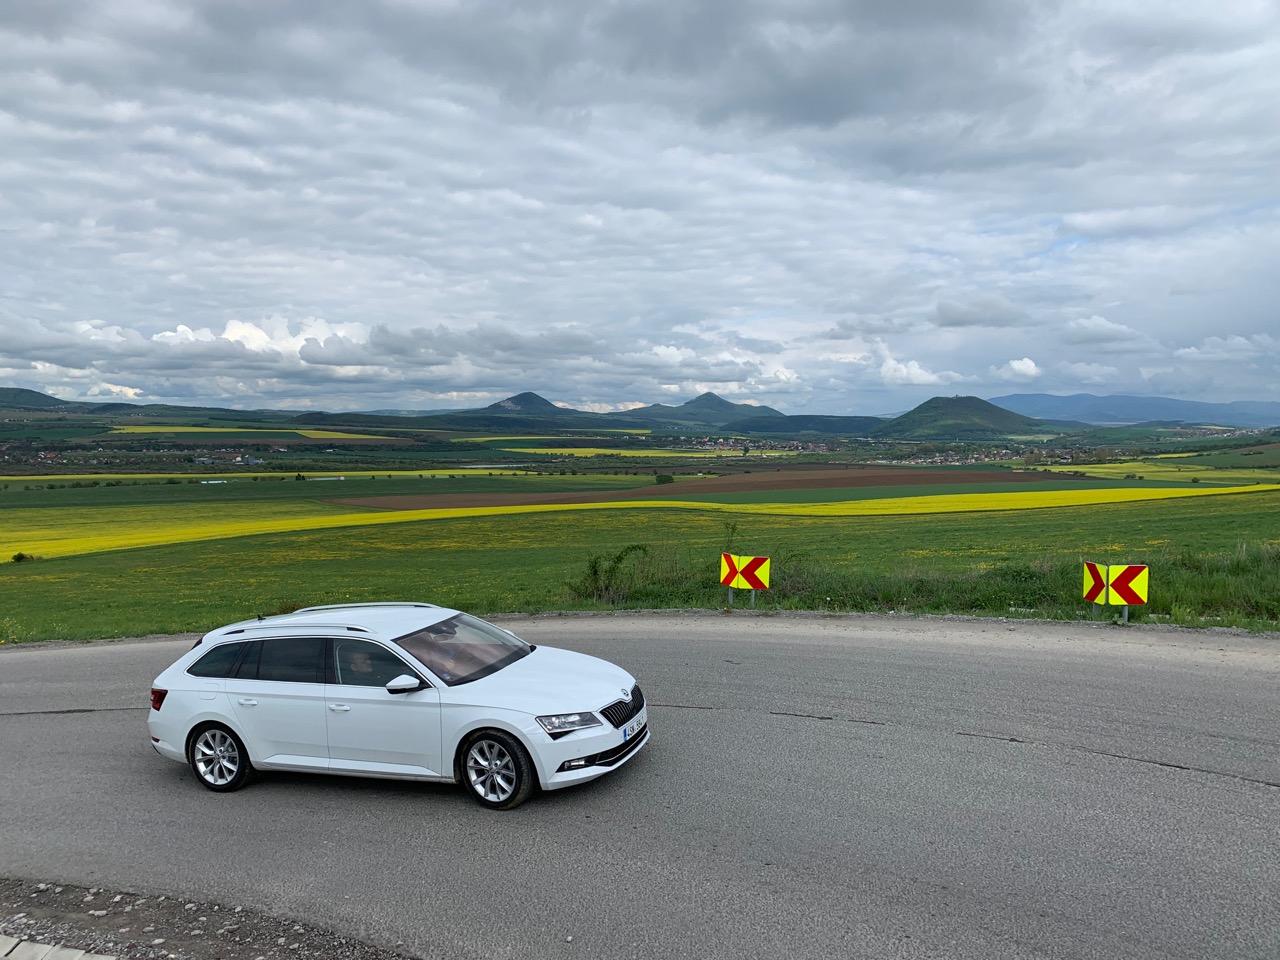 Cesta do Košic vede nádhernou krajinou východního Slovenska